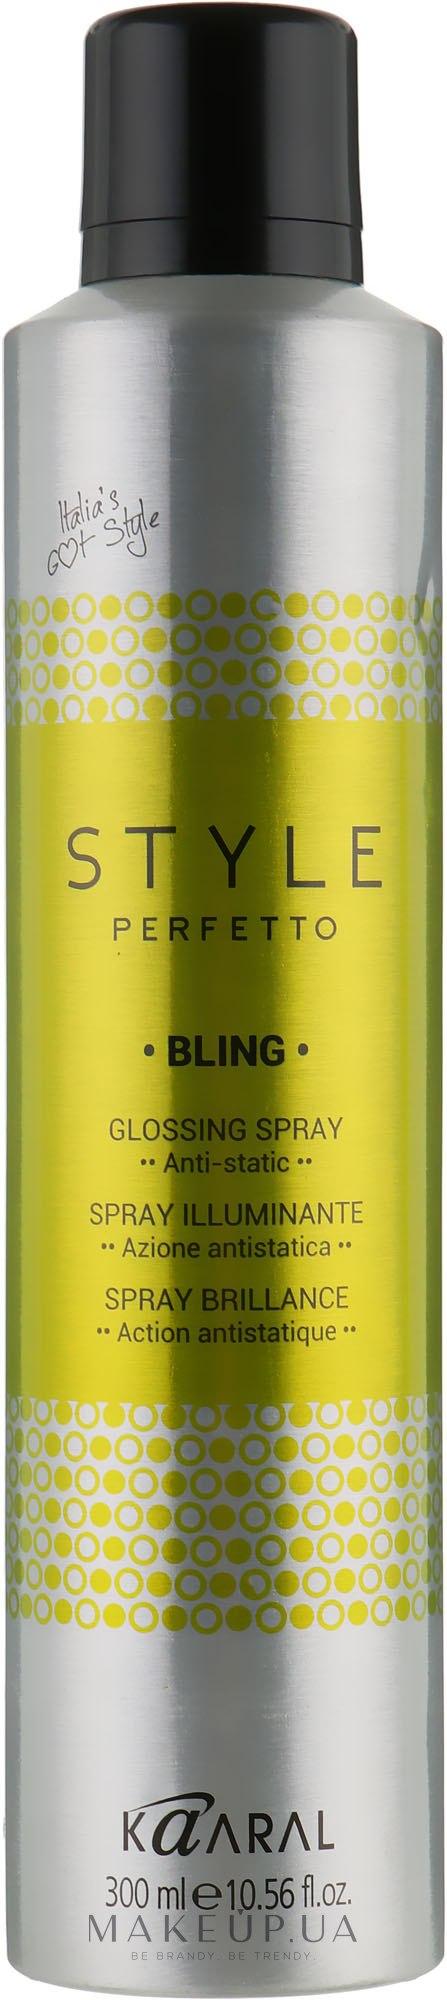 Спрей-захист від кучерявості і для додання блиску - Kaaral Style Perfetto Bling Glossing Spray — фото 300ml